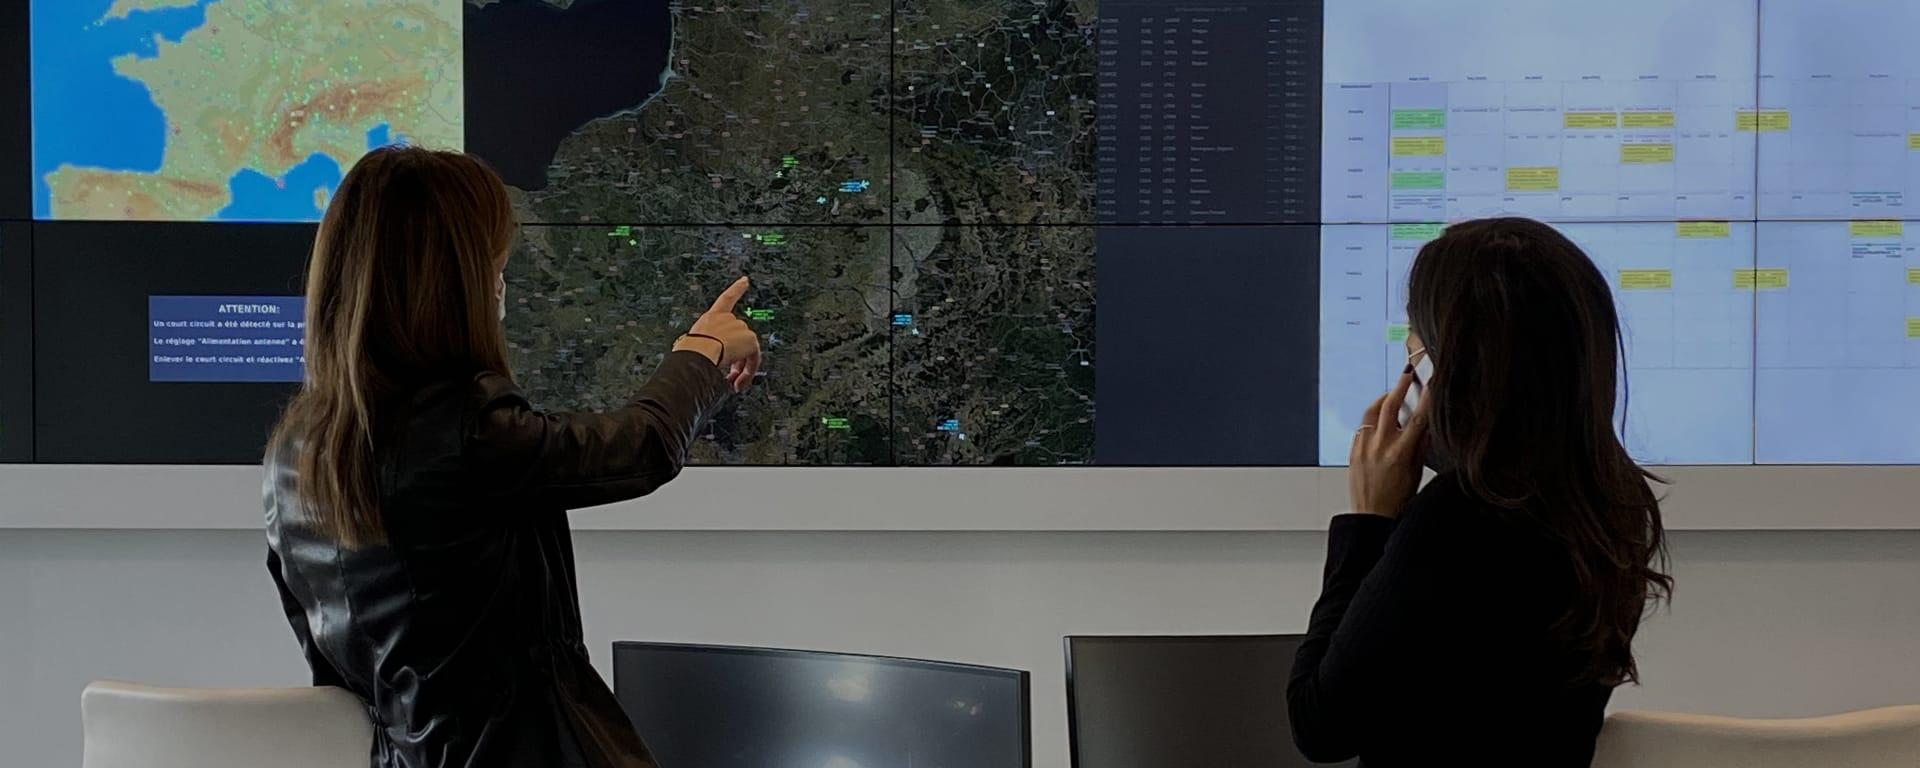 Recrutement aéronautique pour la compagnie aérienne privée Astonjet : opérations au sol